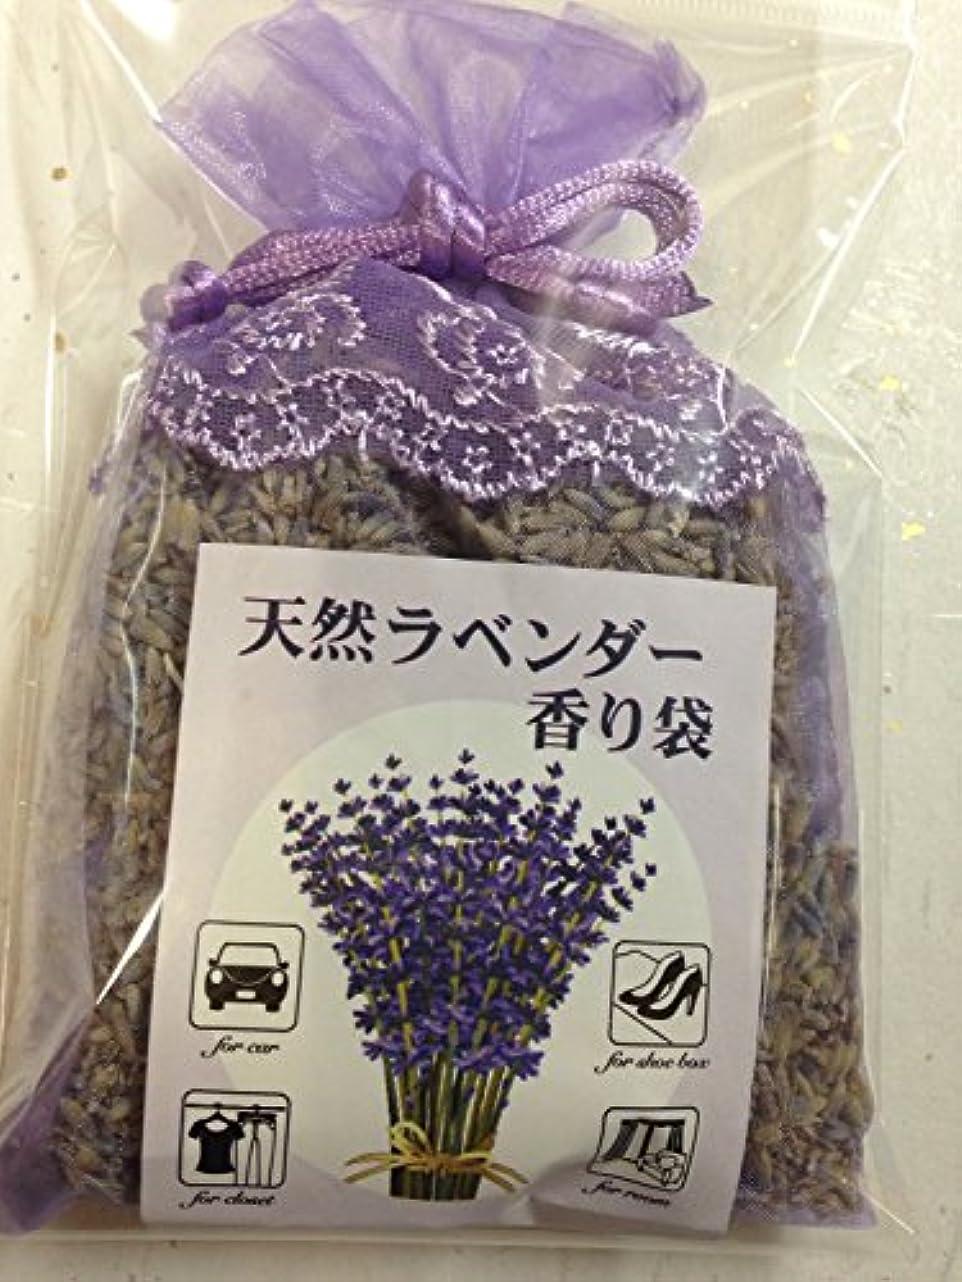 田舎集計バン◆天然ラベンダー?ポプリ香り袋 巾着<小>◆Aroma Lavender /Hokkaido